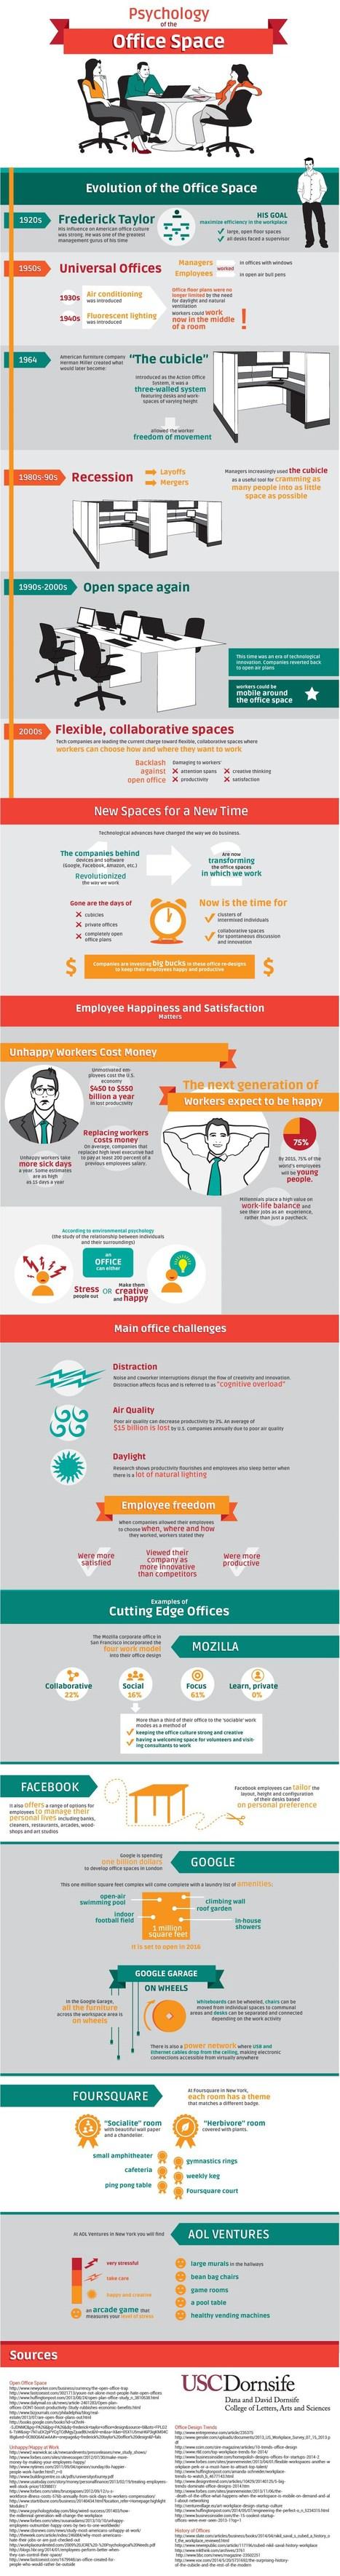 Innovación y oficinas abiertas vs. estándar | HBR 2013 | Innovación, Tecnología y Educación | Scoop.it